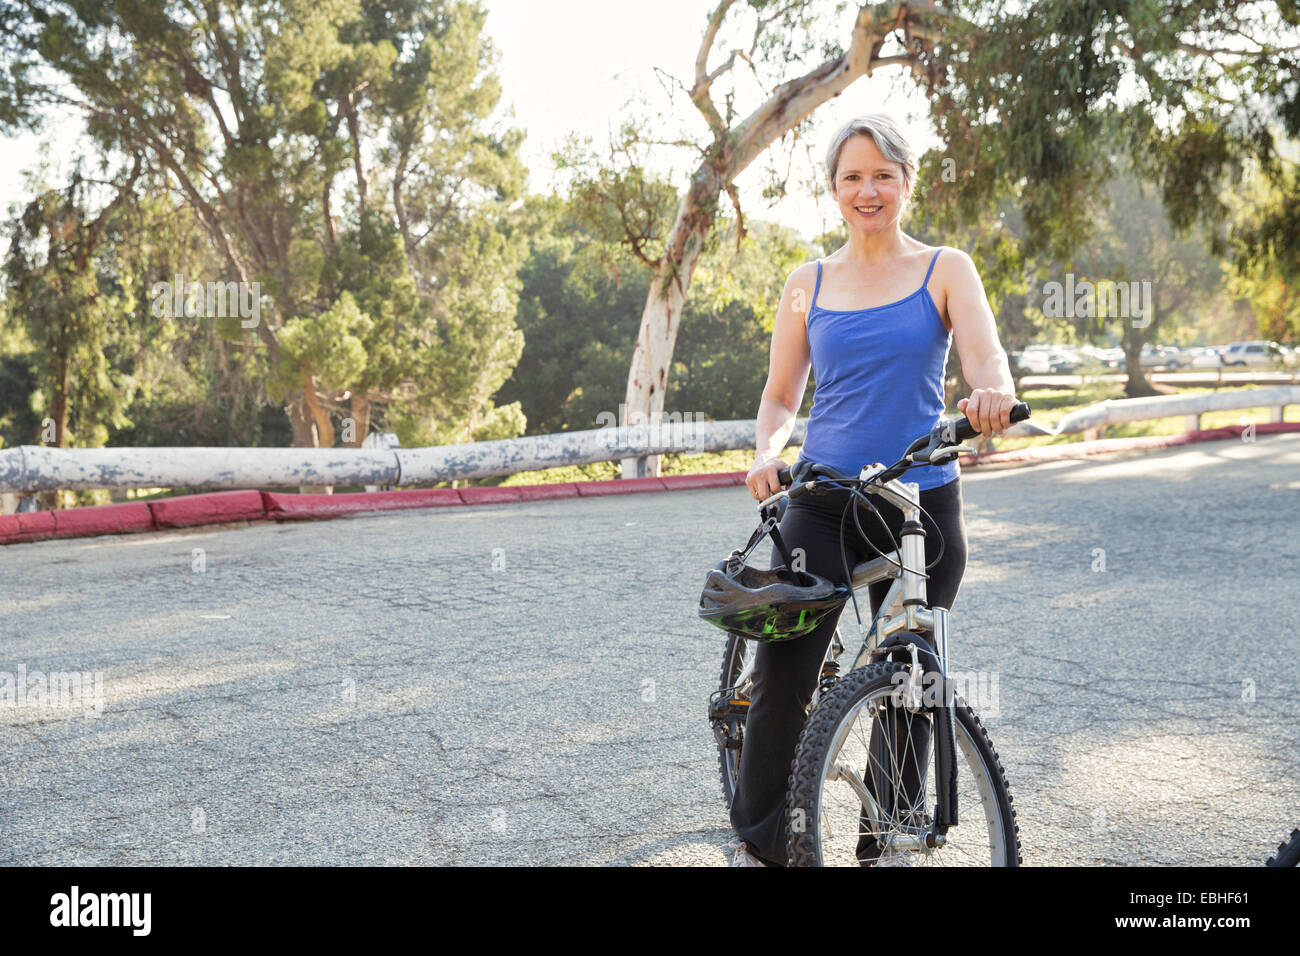 Retrato de mujer madura ciclista en park Imagen De Stock